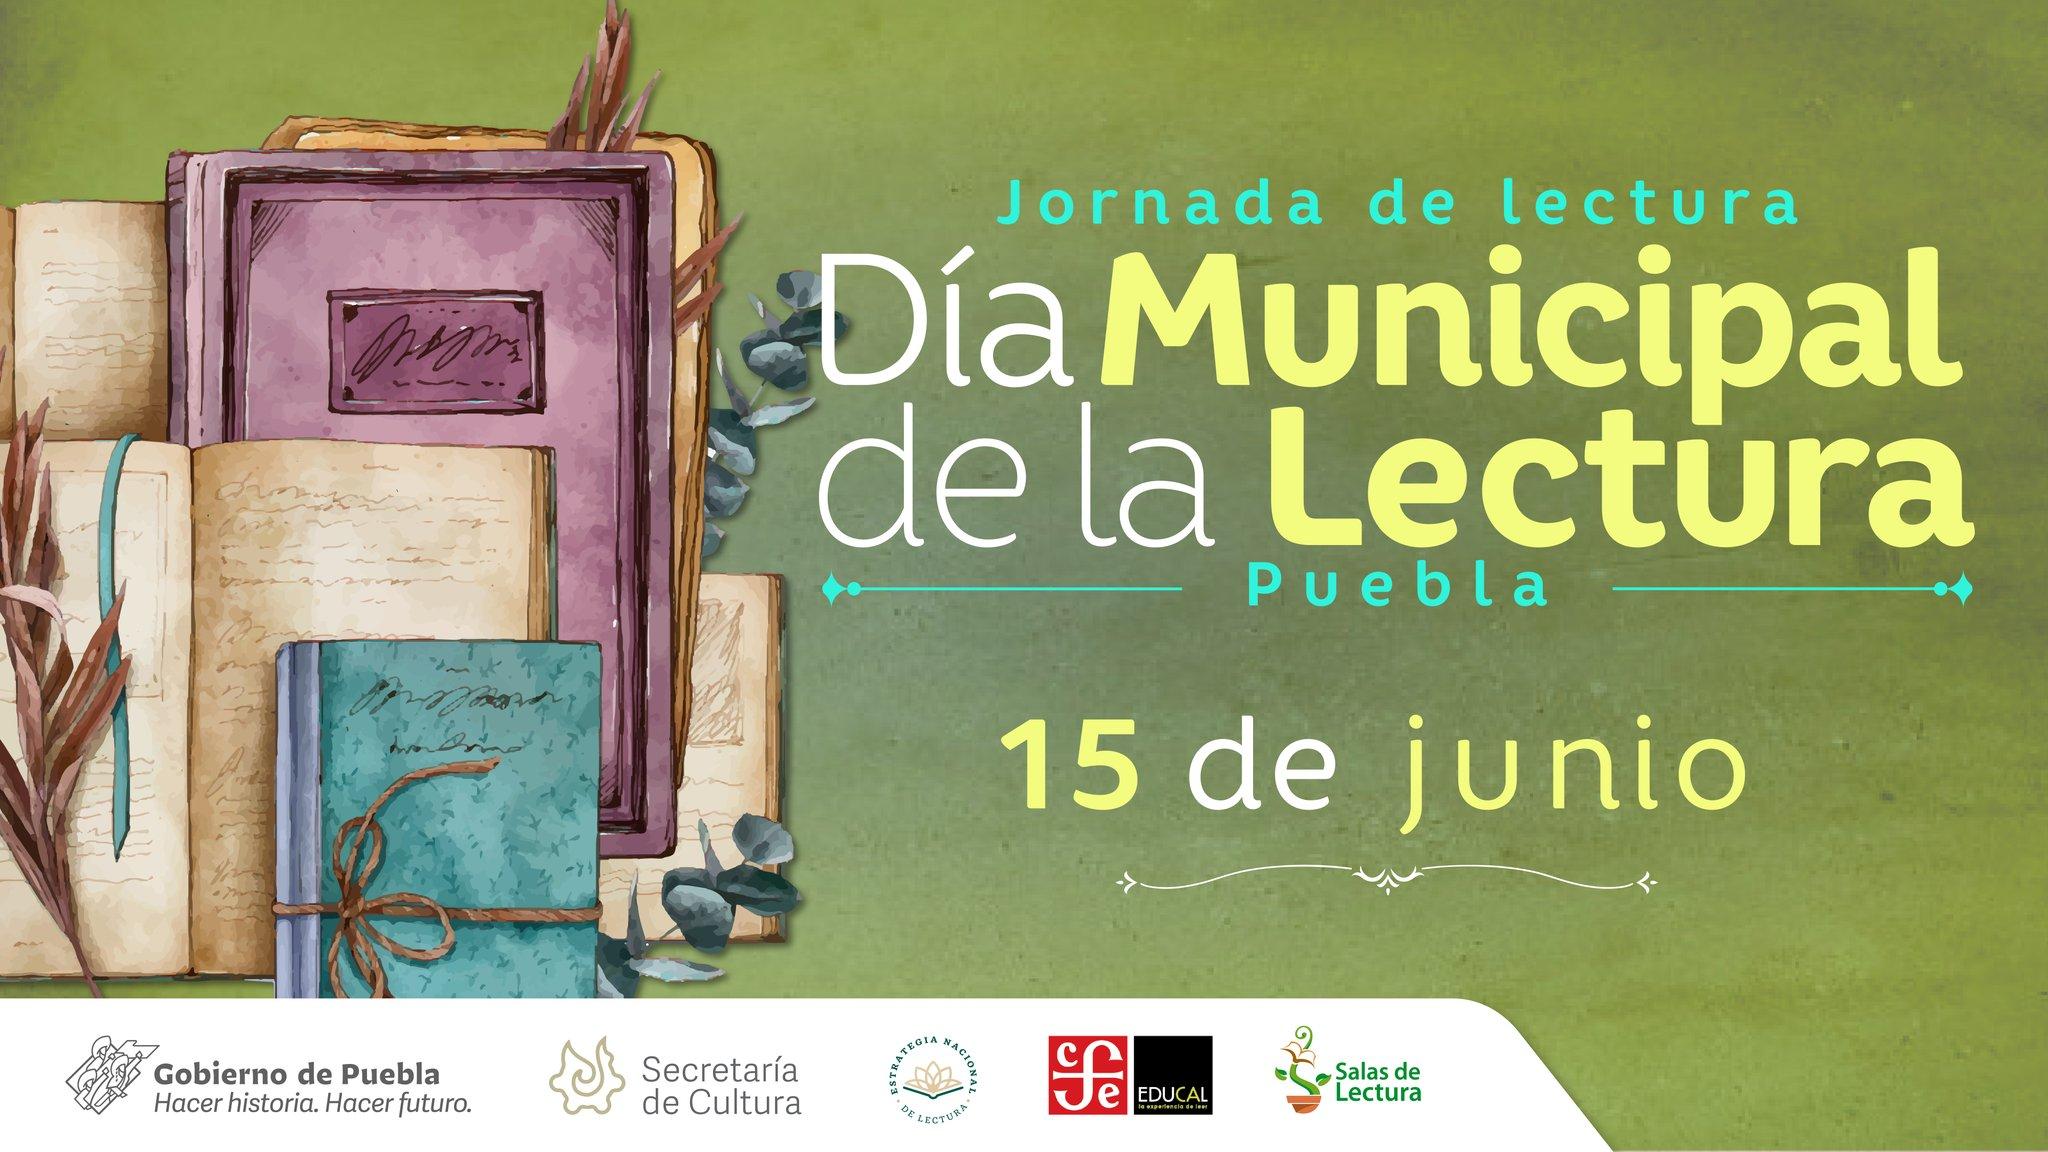 Inician celebraciones para el Día Municipal de la Lectura 2021, Puebla